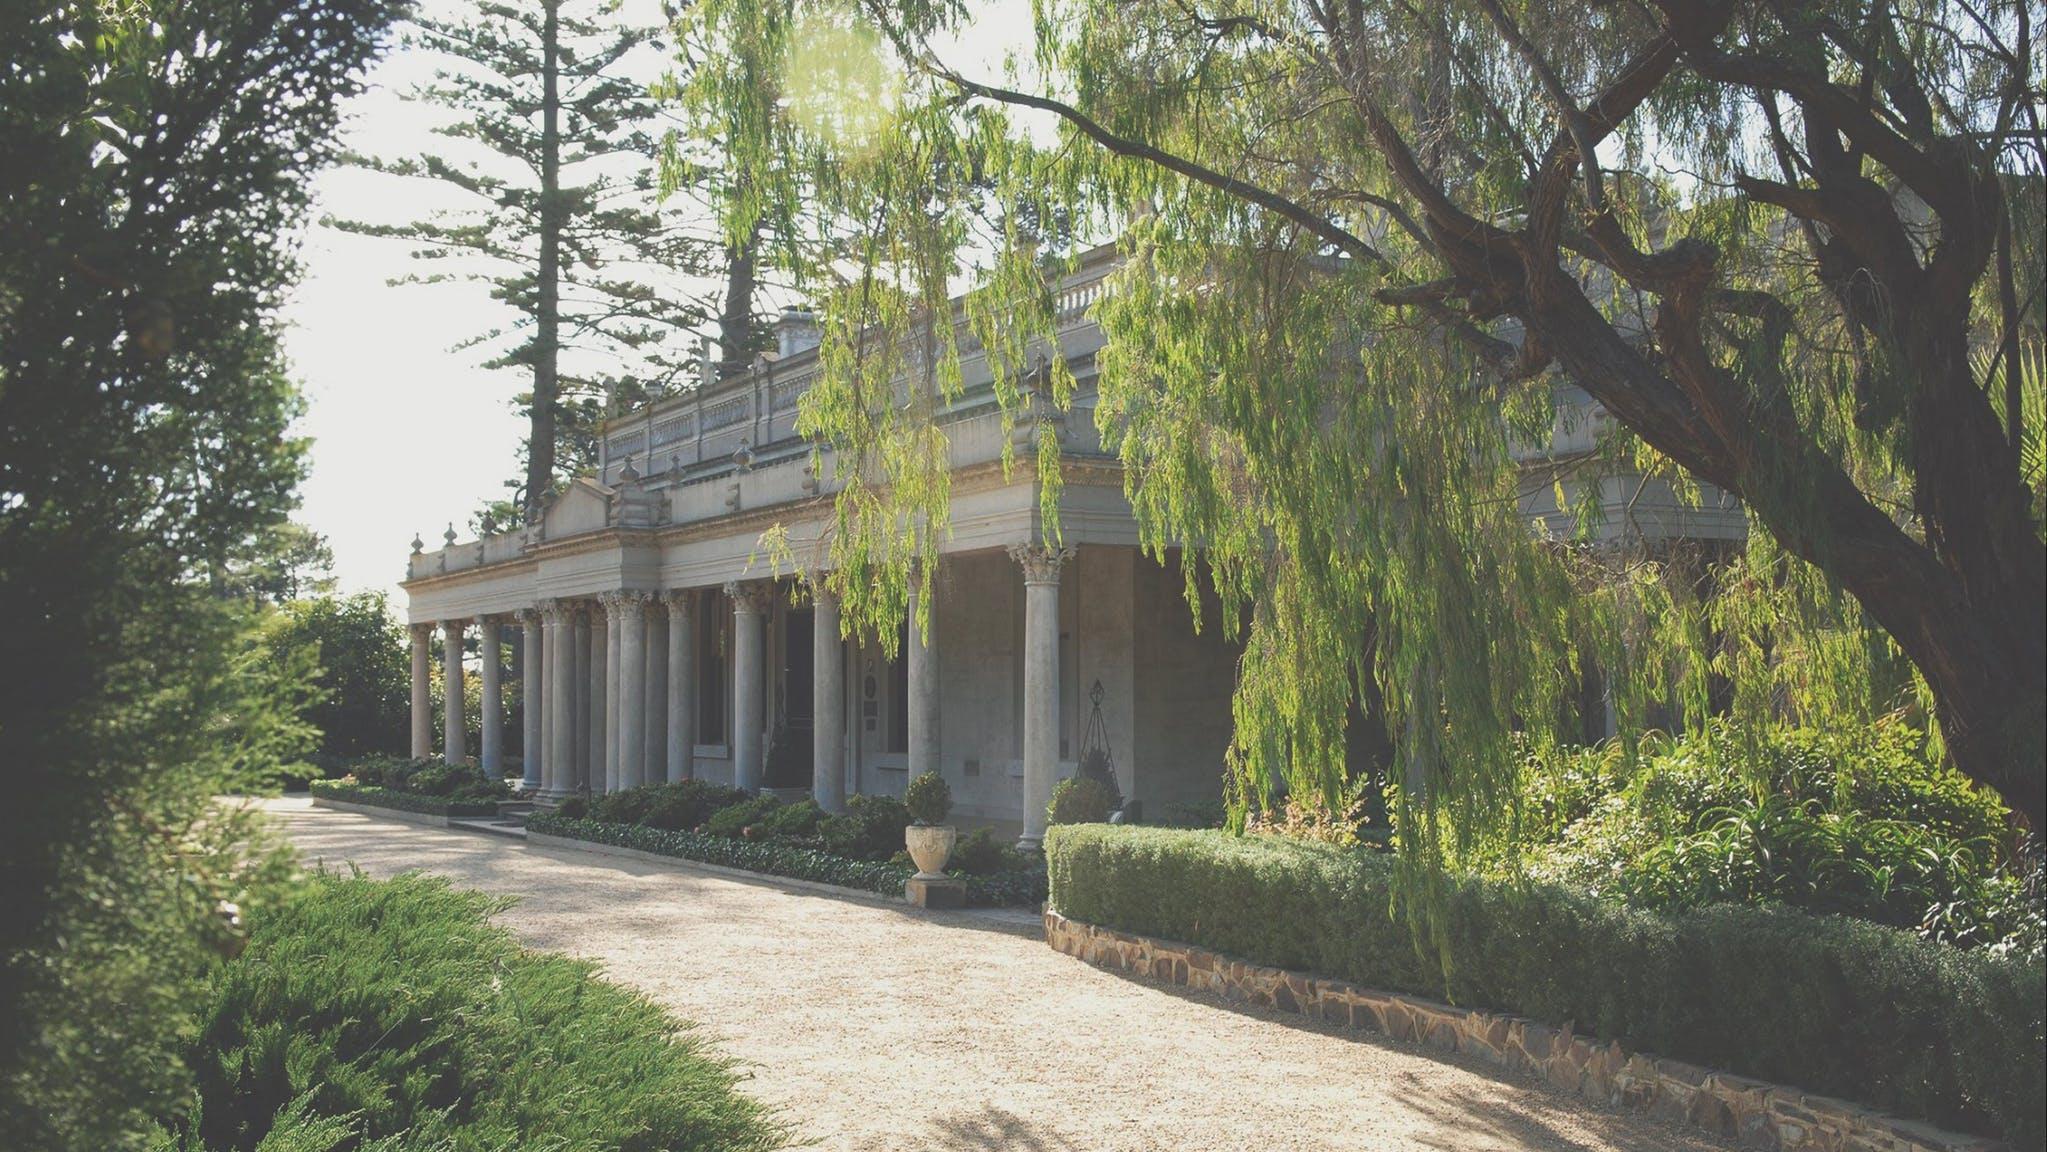 Beleura House and Garden